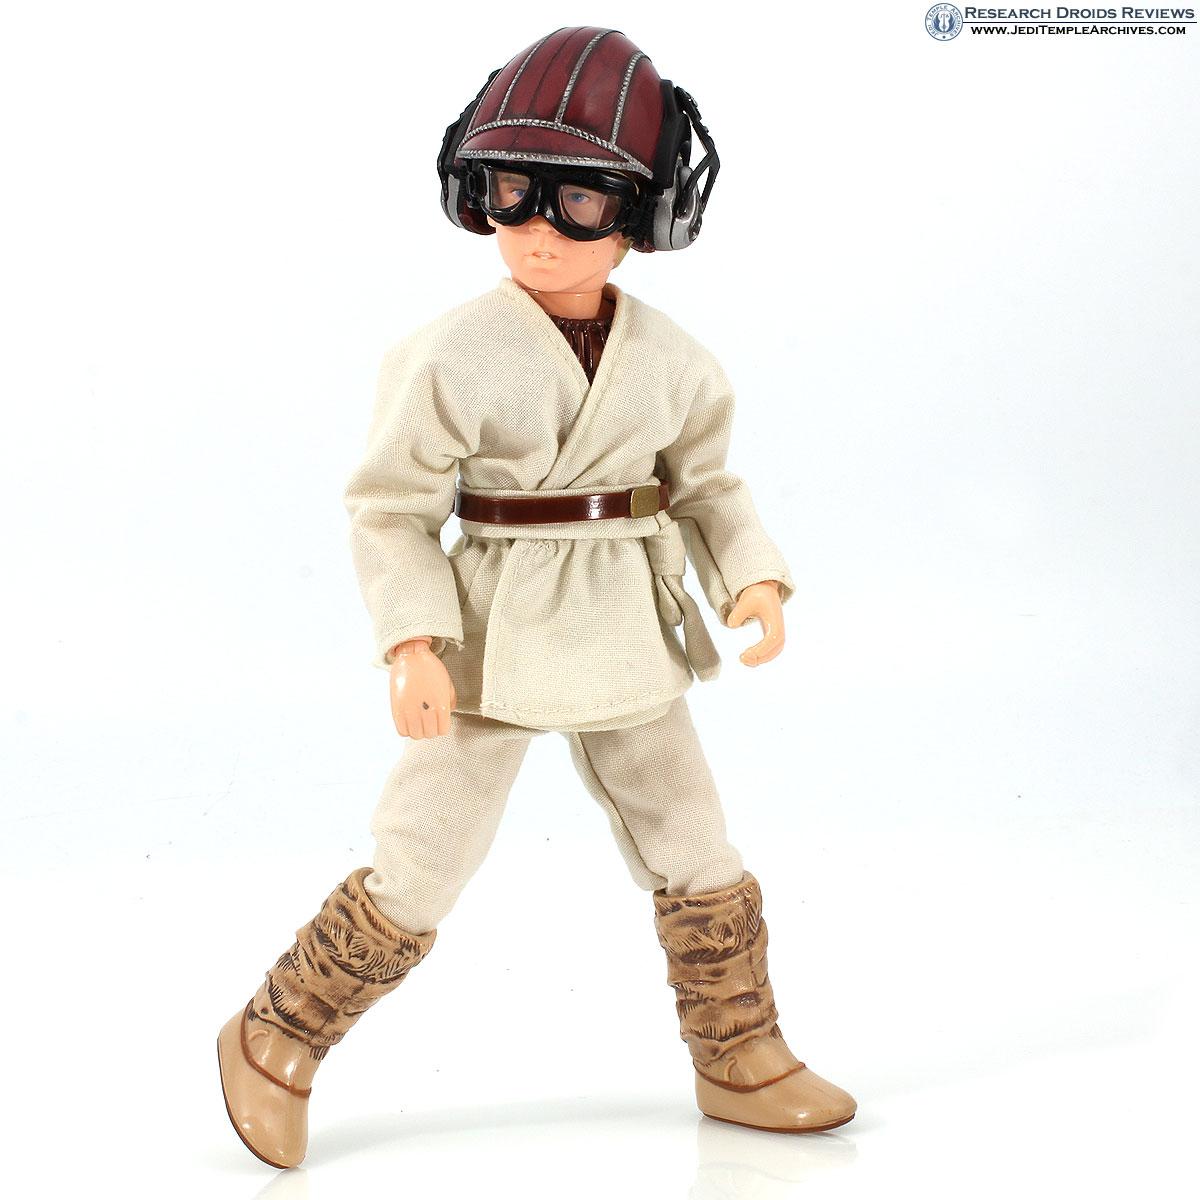 Anakin Skywalker (Battle of Naboo)